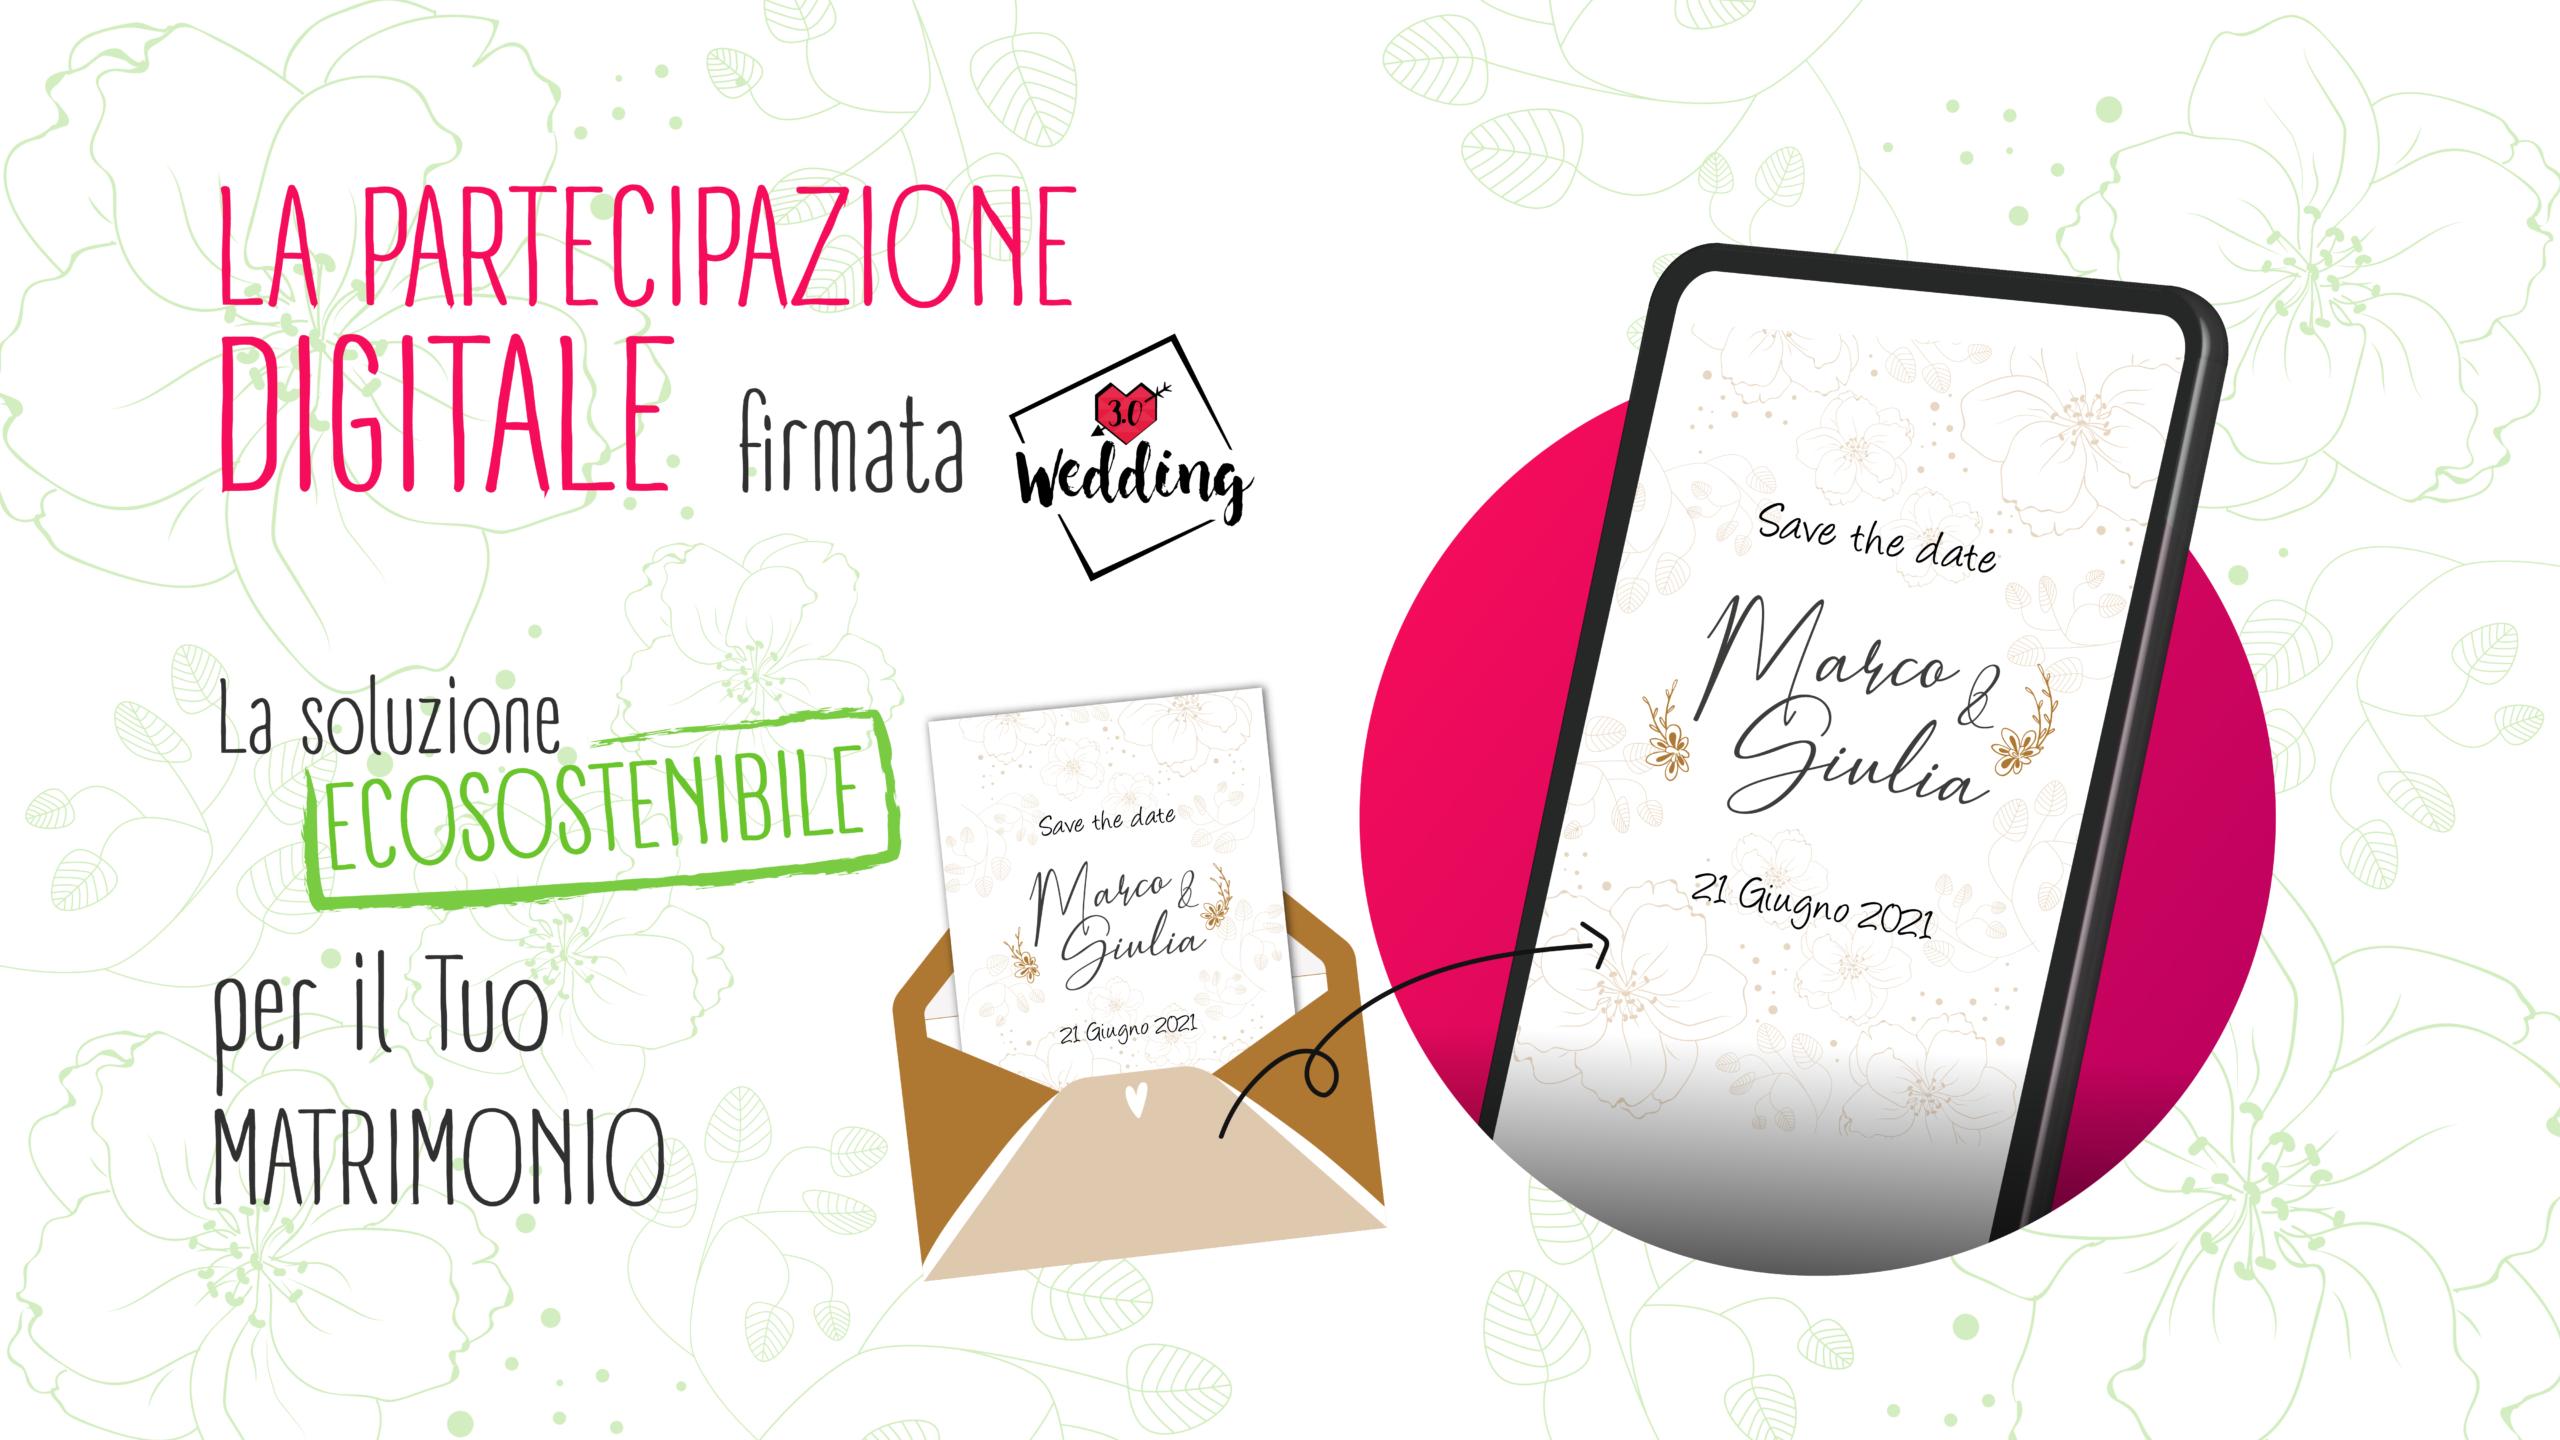 partecipazione digitale wedding tre punto zero idee matrimonio